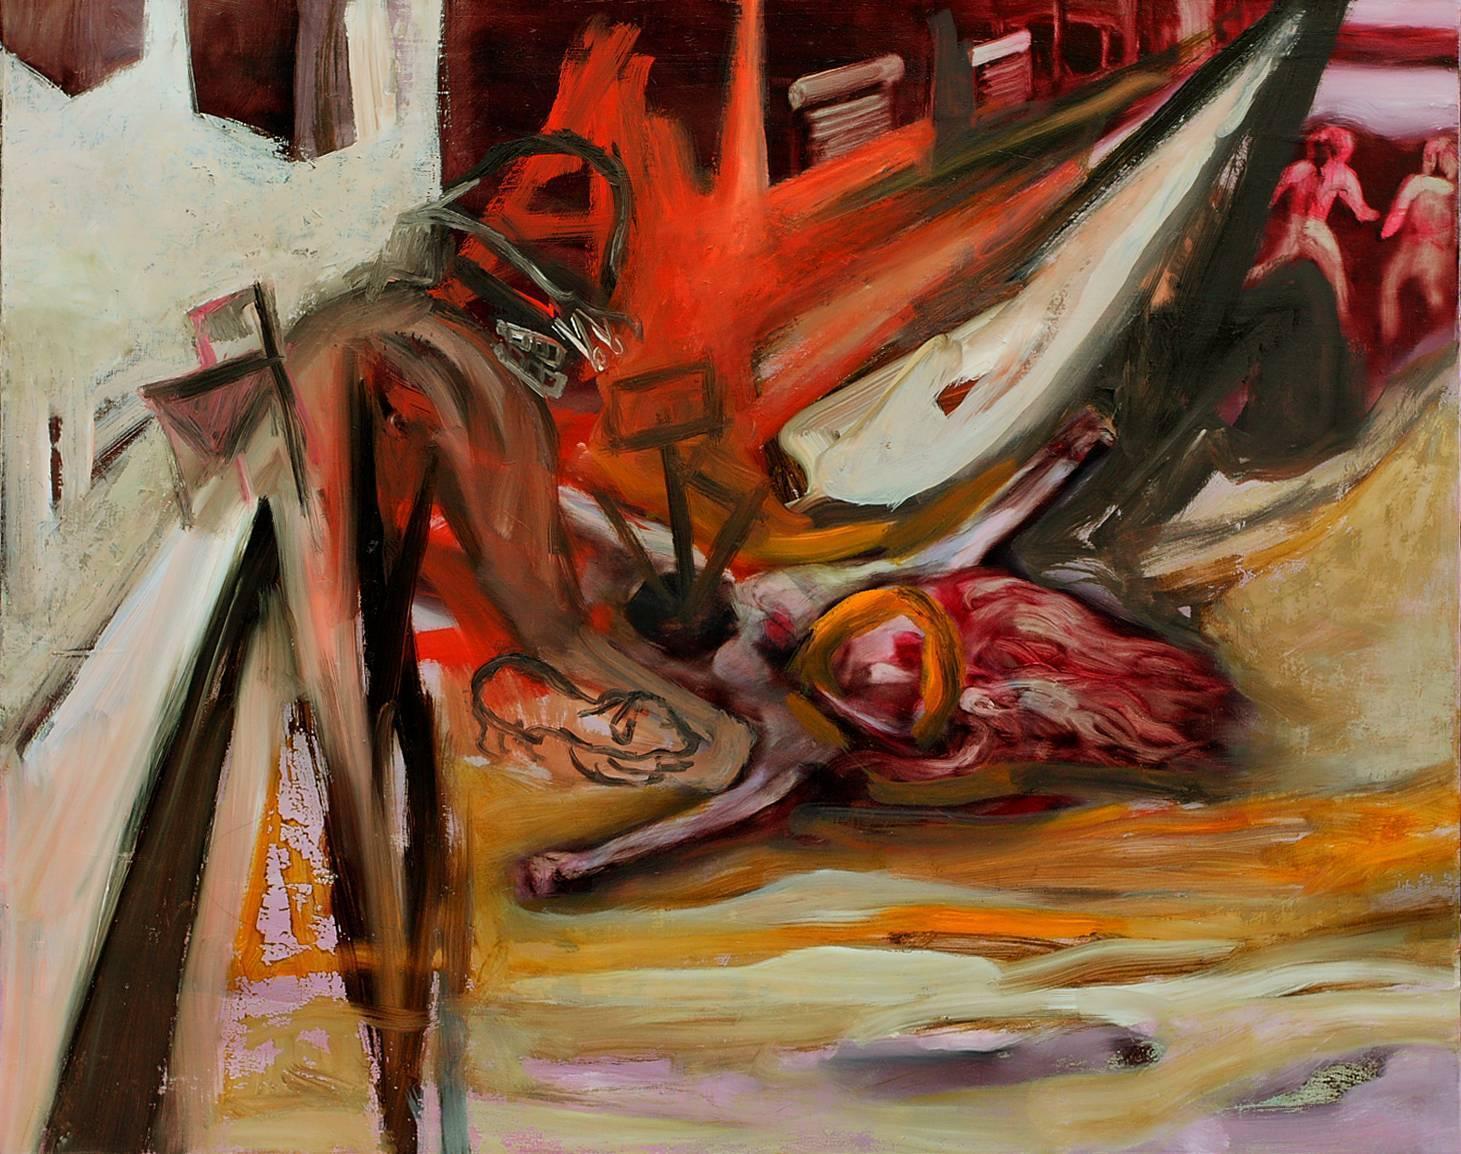 常陵|大玄玄社會-page15|2012|油彩|76x91cm